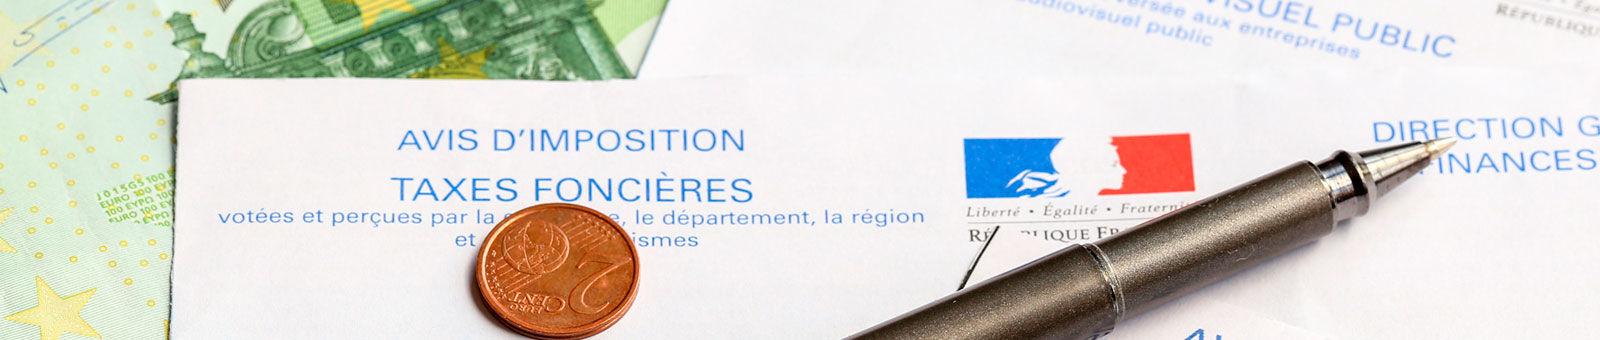 Taxe Fonciere Ville De Gif Sur Yvette